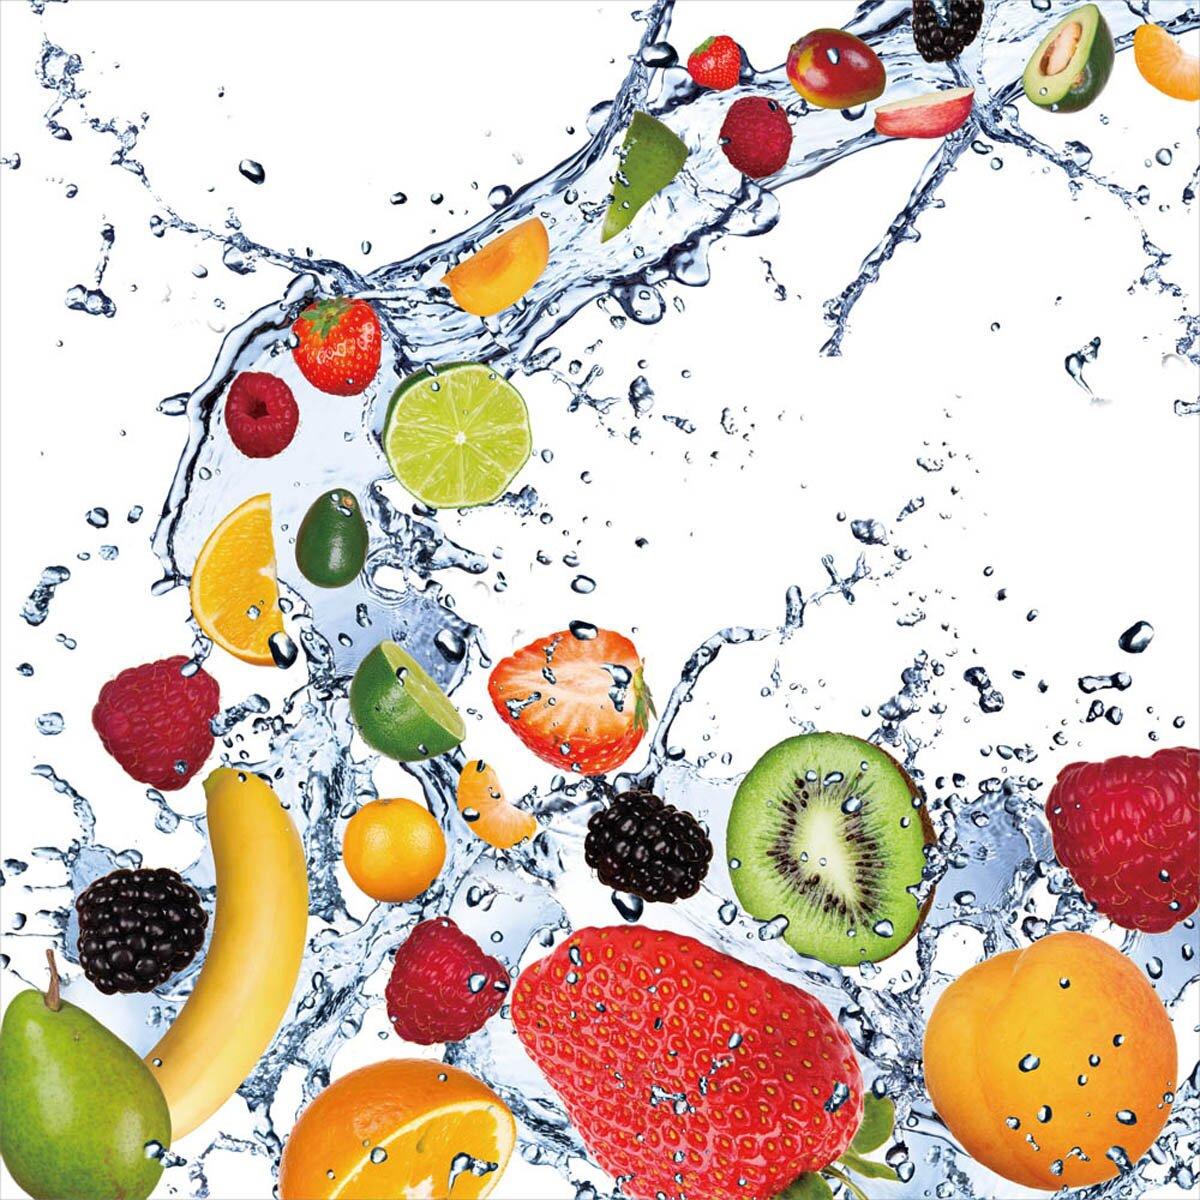 Fruit splash classic - Cortesi Home Fruit Splash Ii Framed Graphic Art